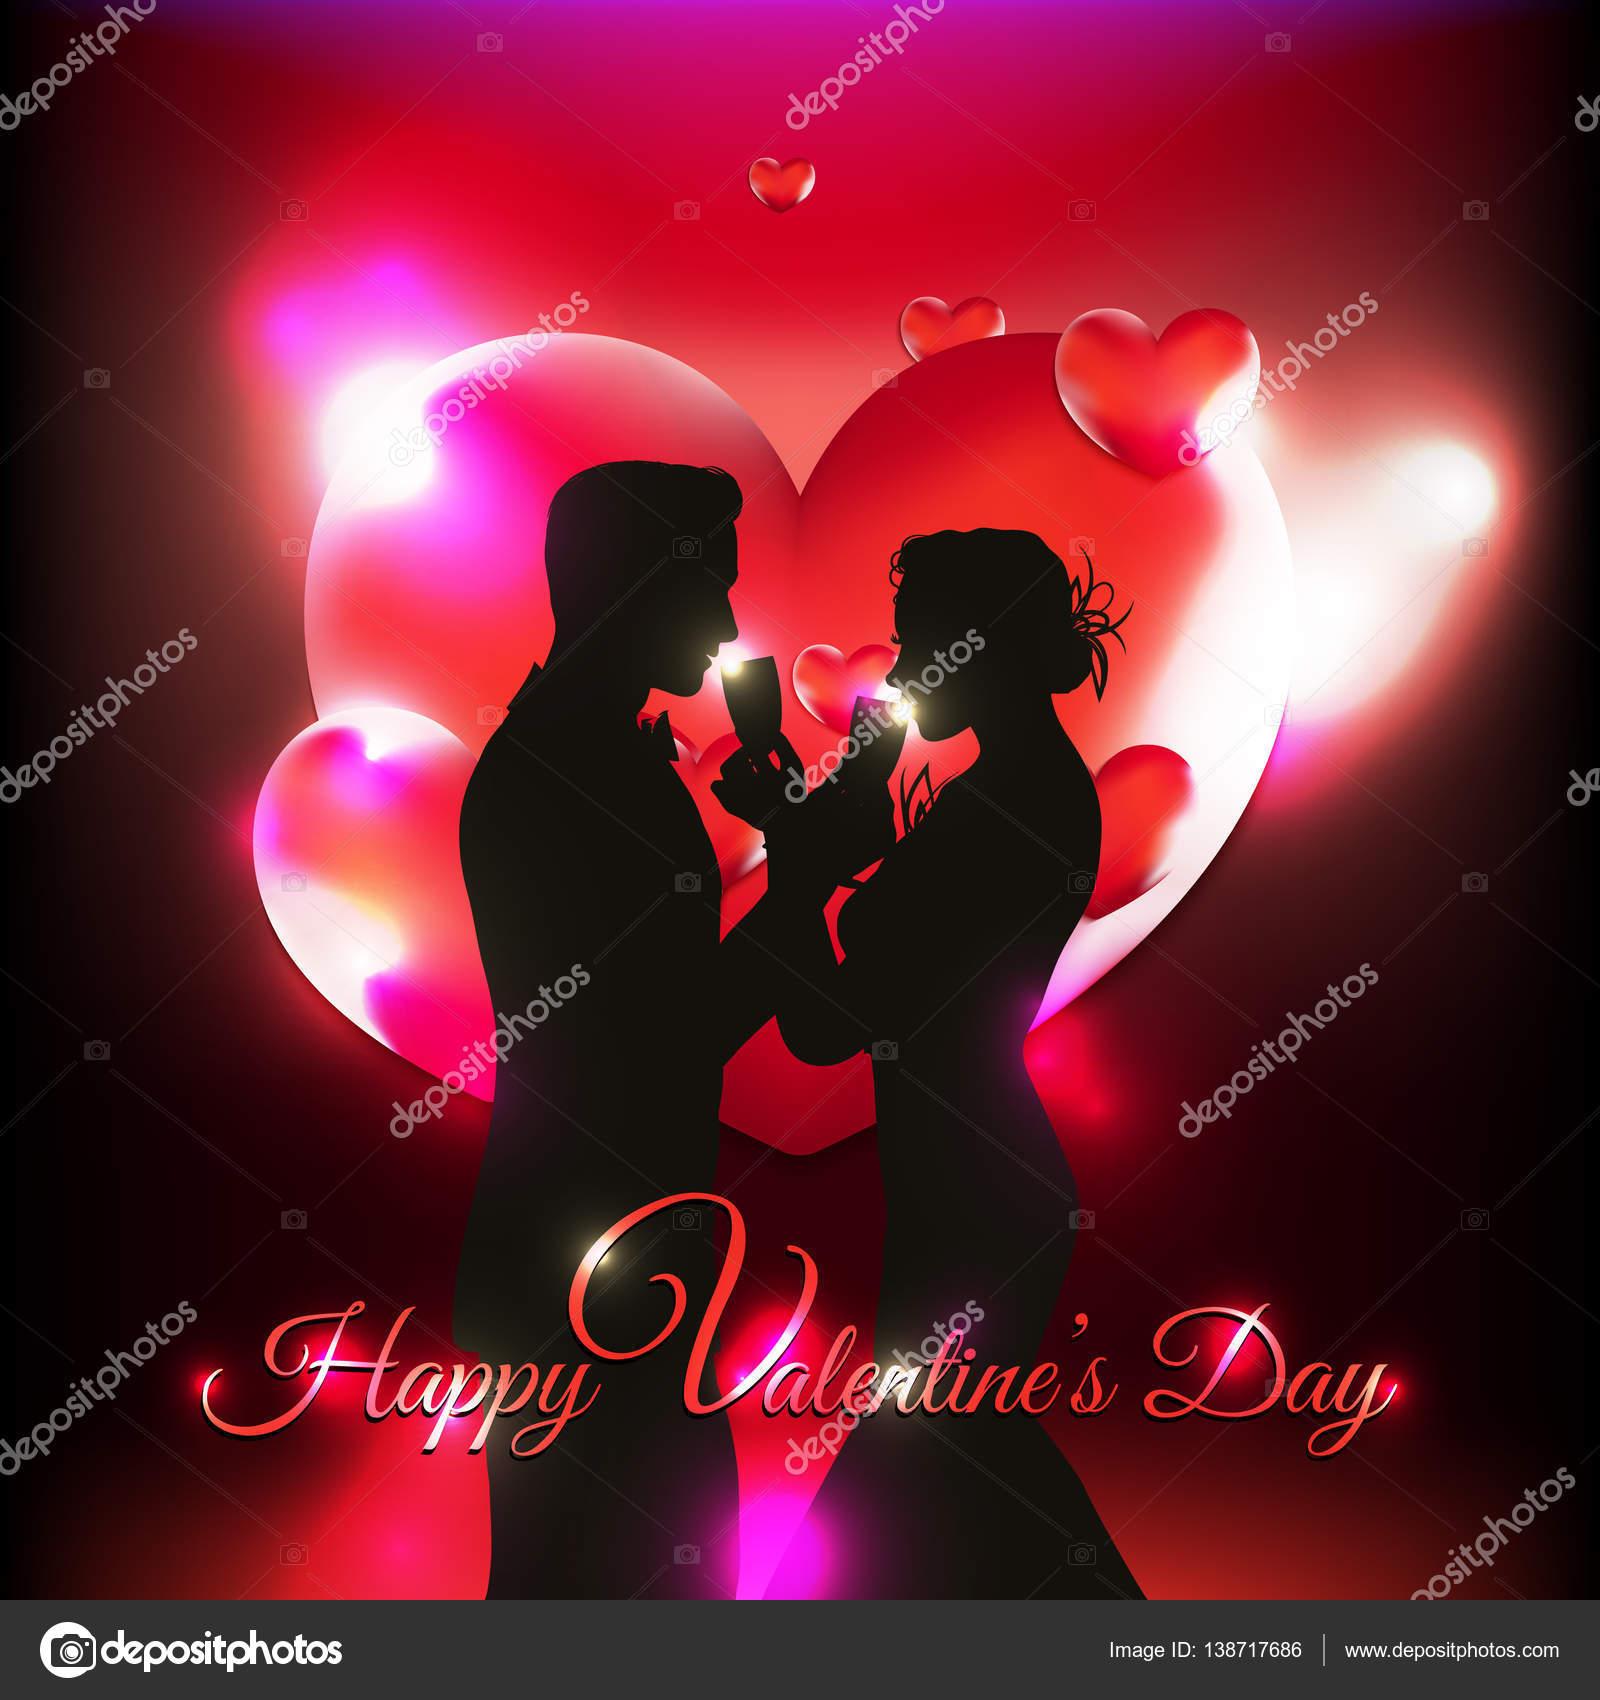 Imágenes Corazones En 3d Fondo De San Valentín Con Corazones 3d Y